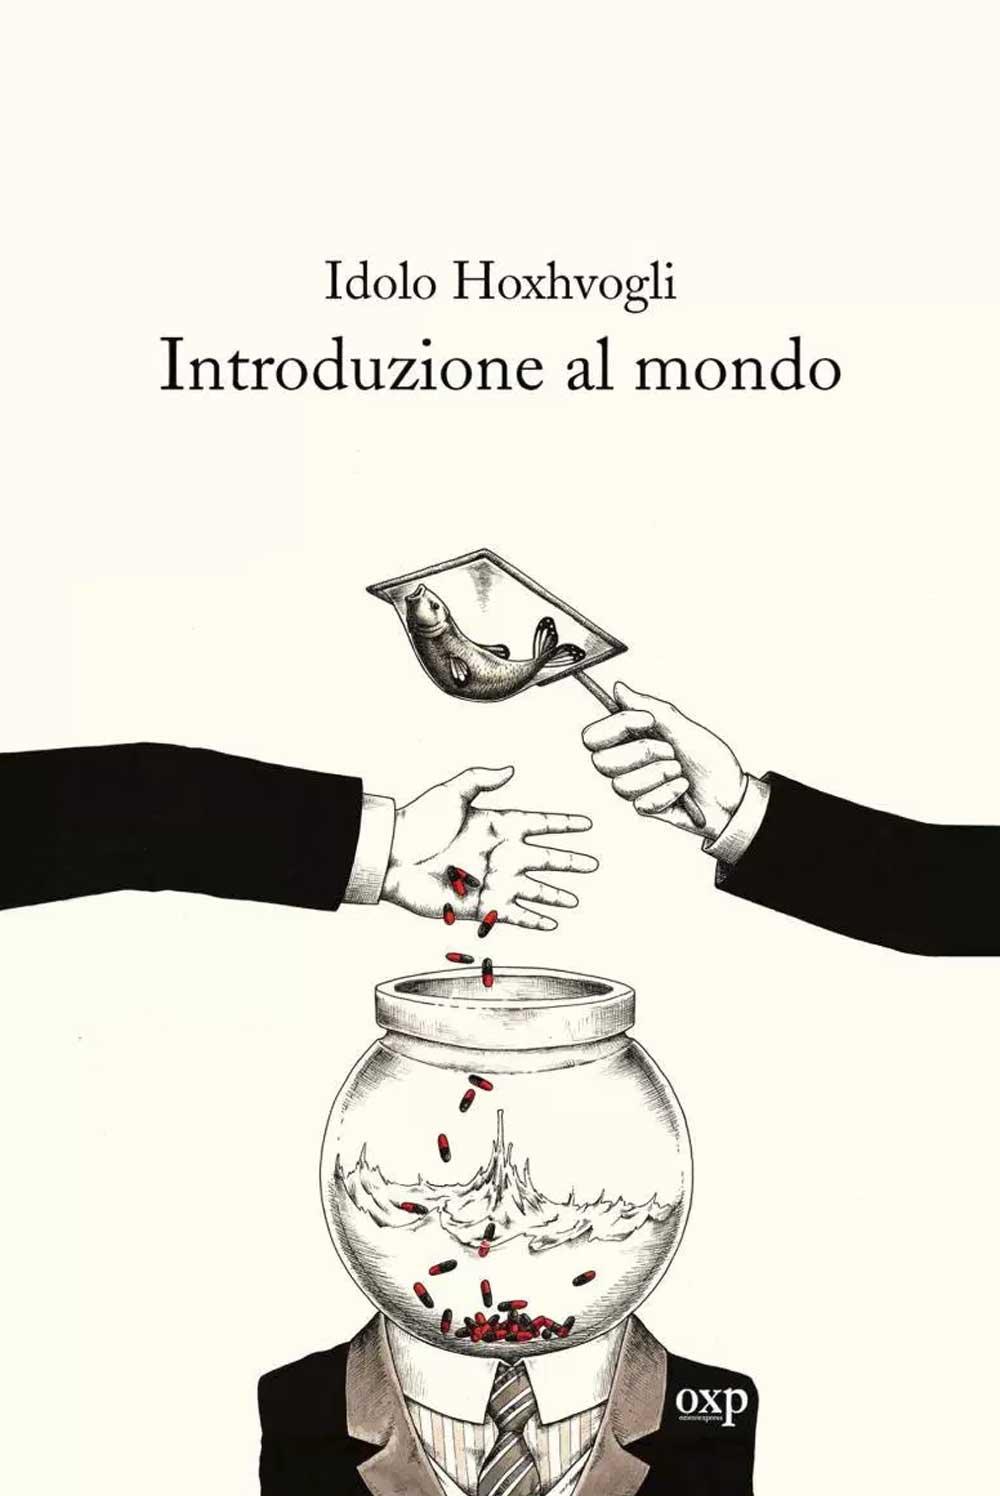 Introduzione al mondo, di IdoloHoxhvogli (Gli Ibischi, 2015)